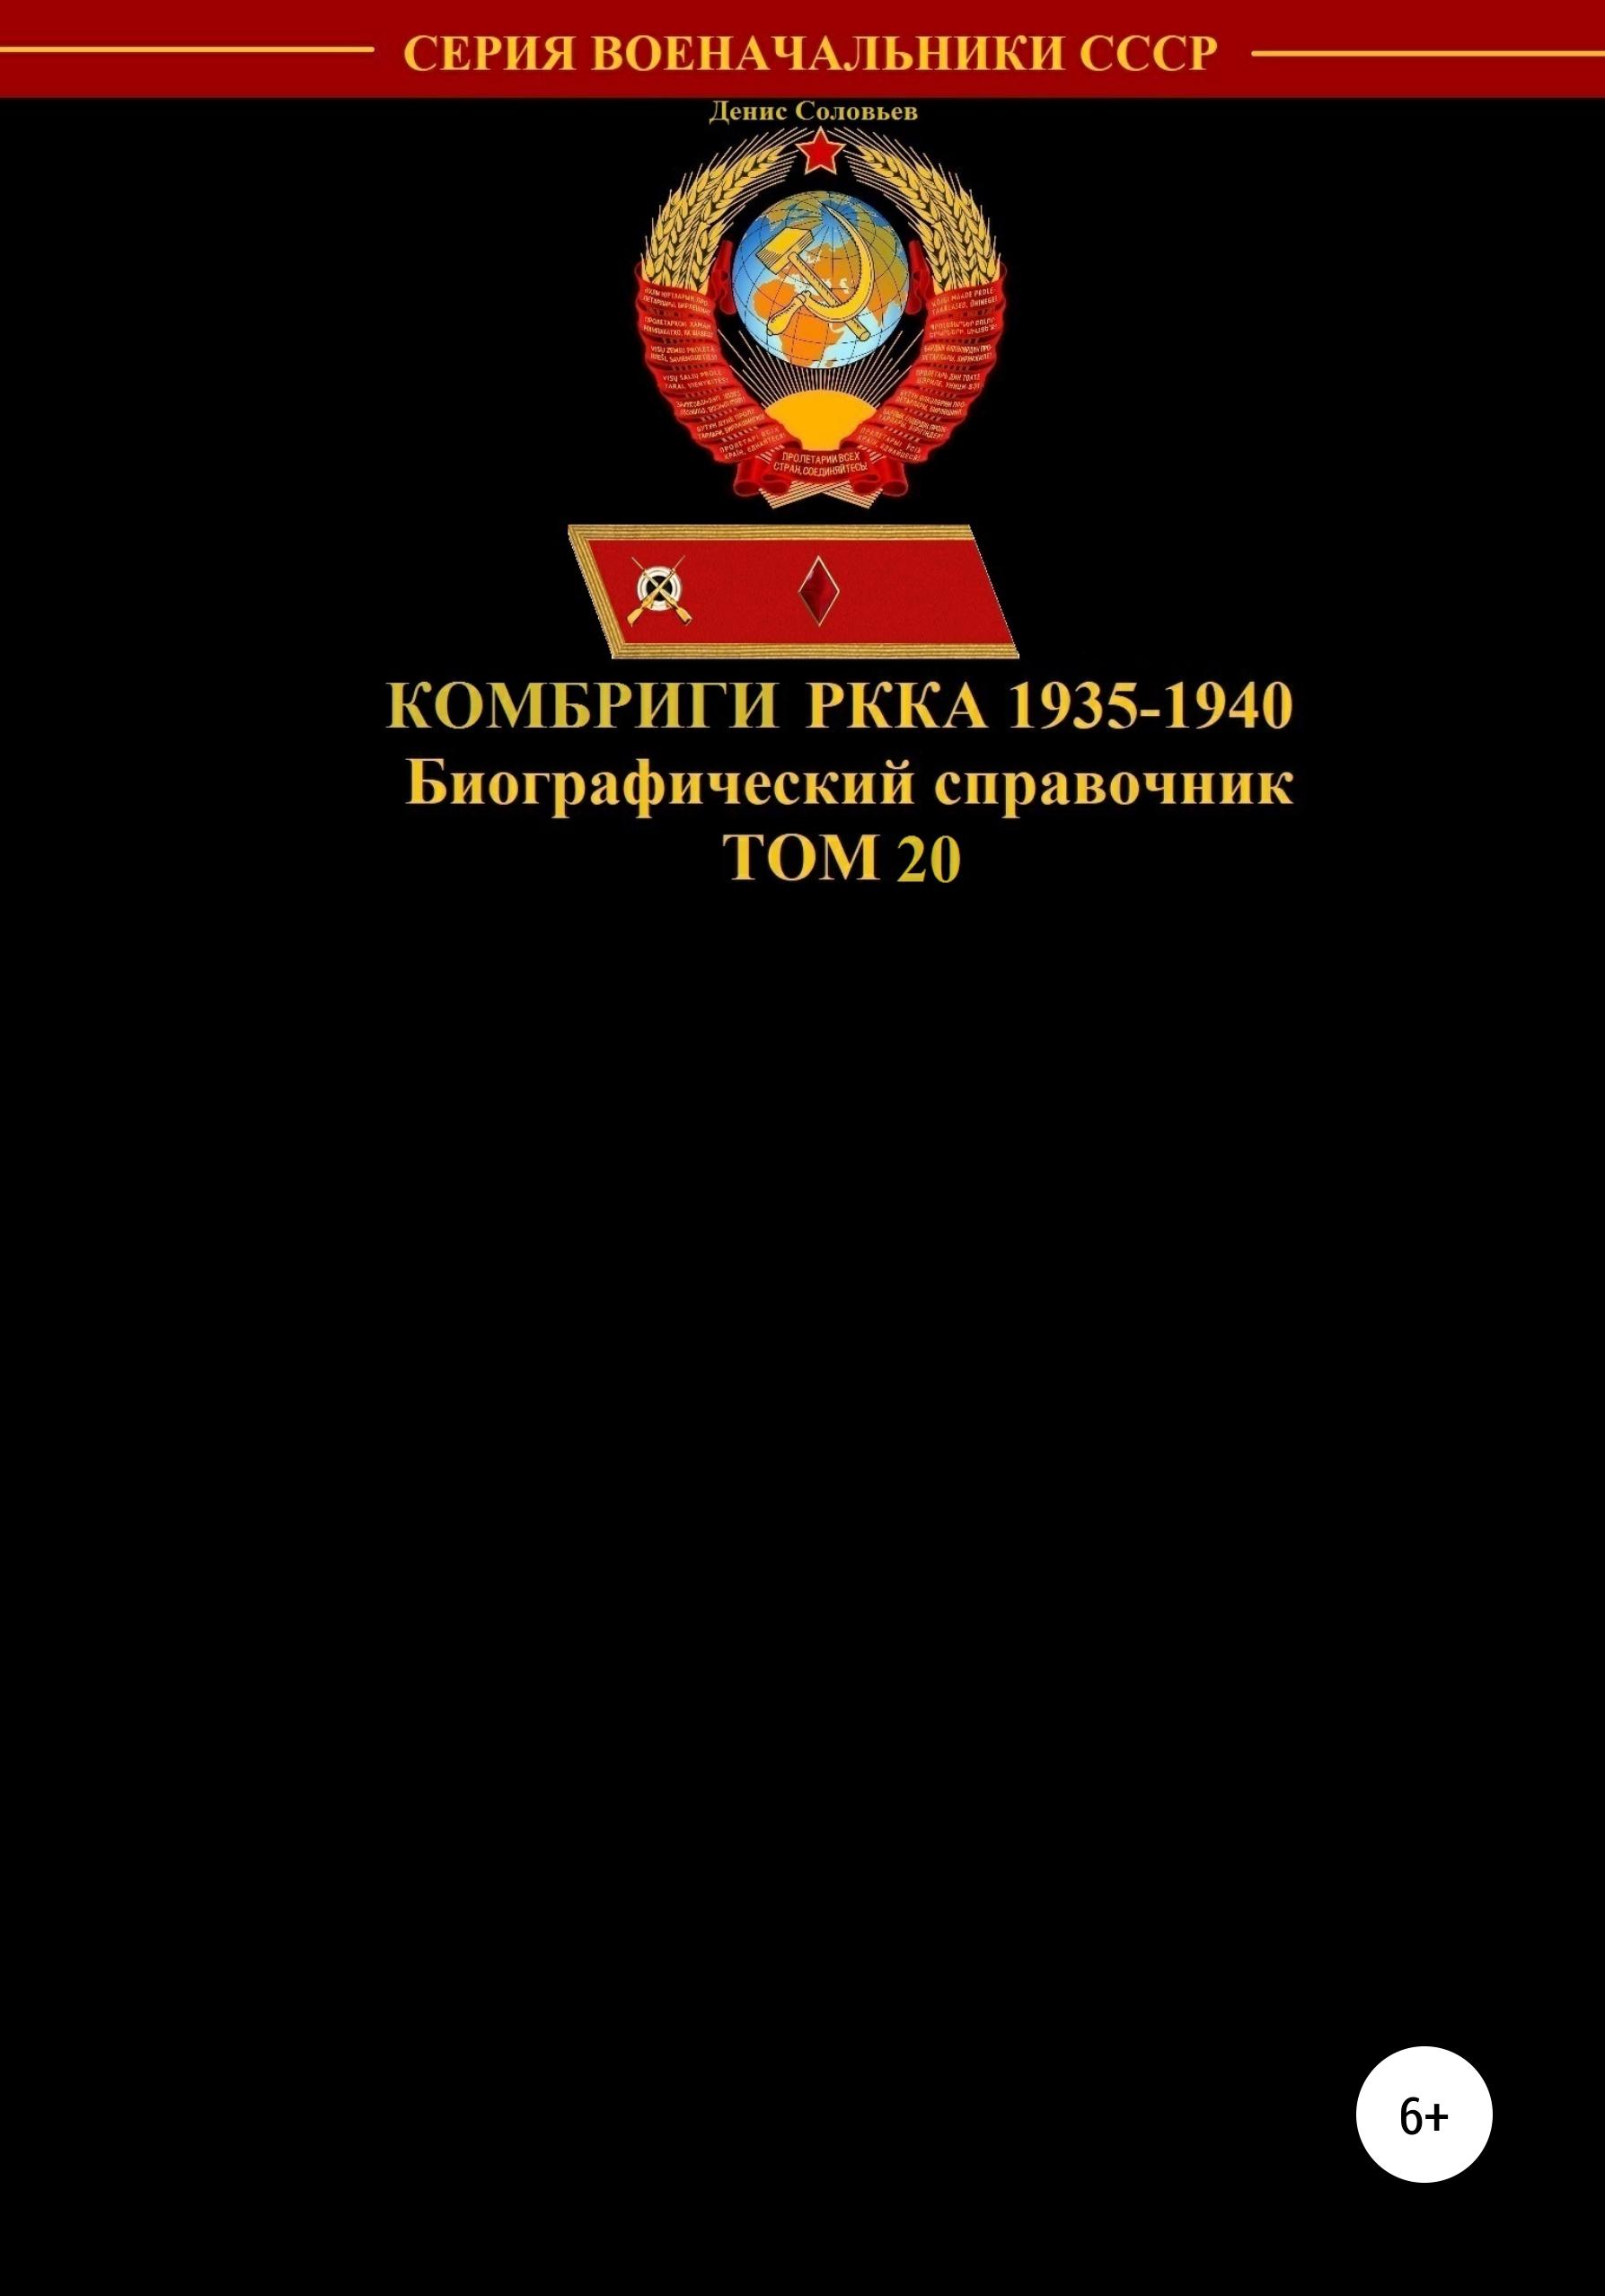 Купить книгу Комбриги РККА 1935-1940. Том 20, автора Дениса Юрьевича Соловьева